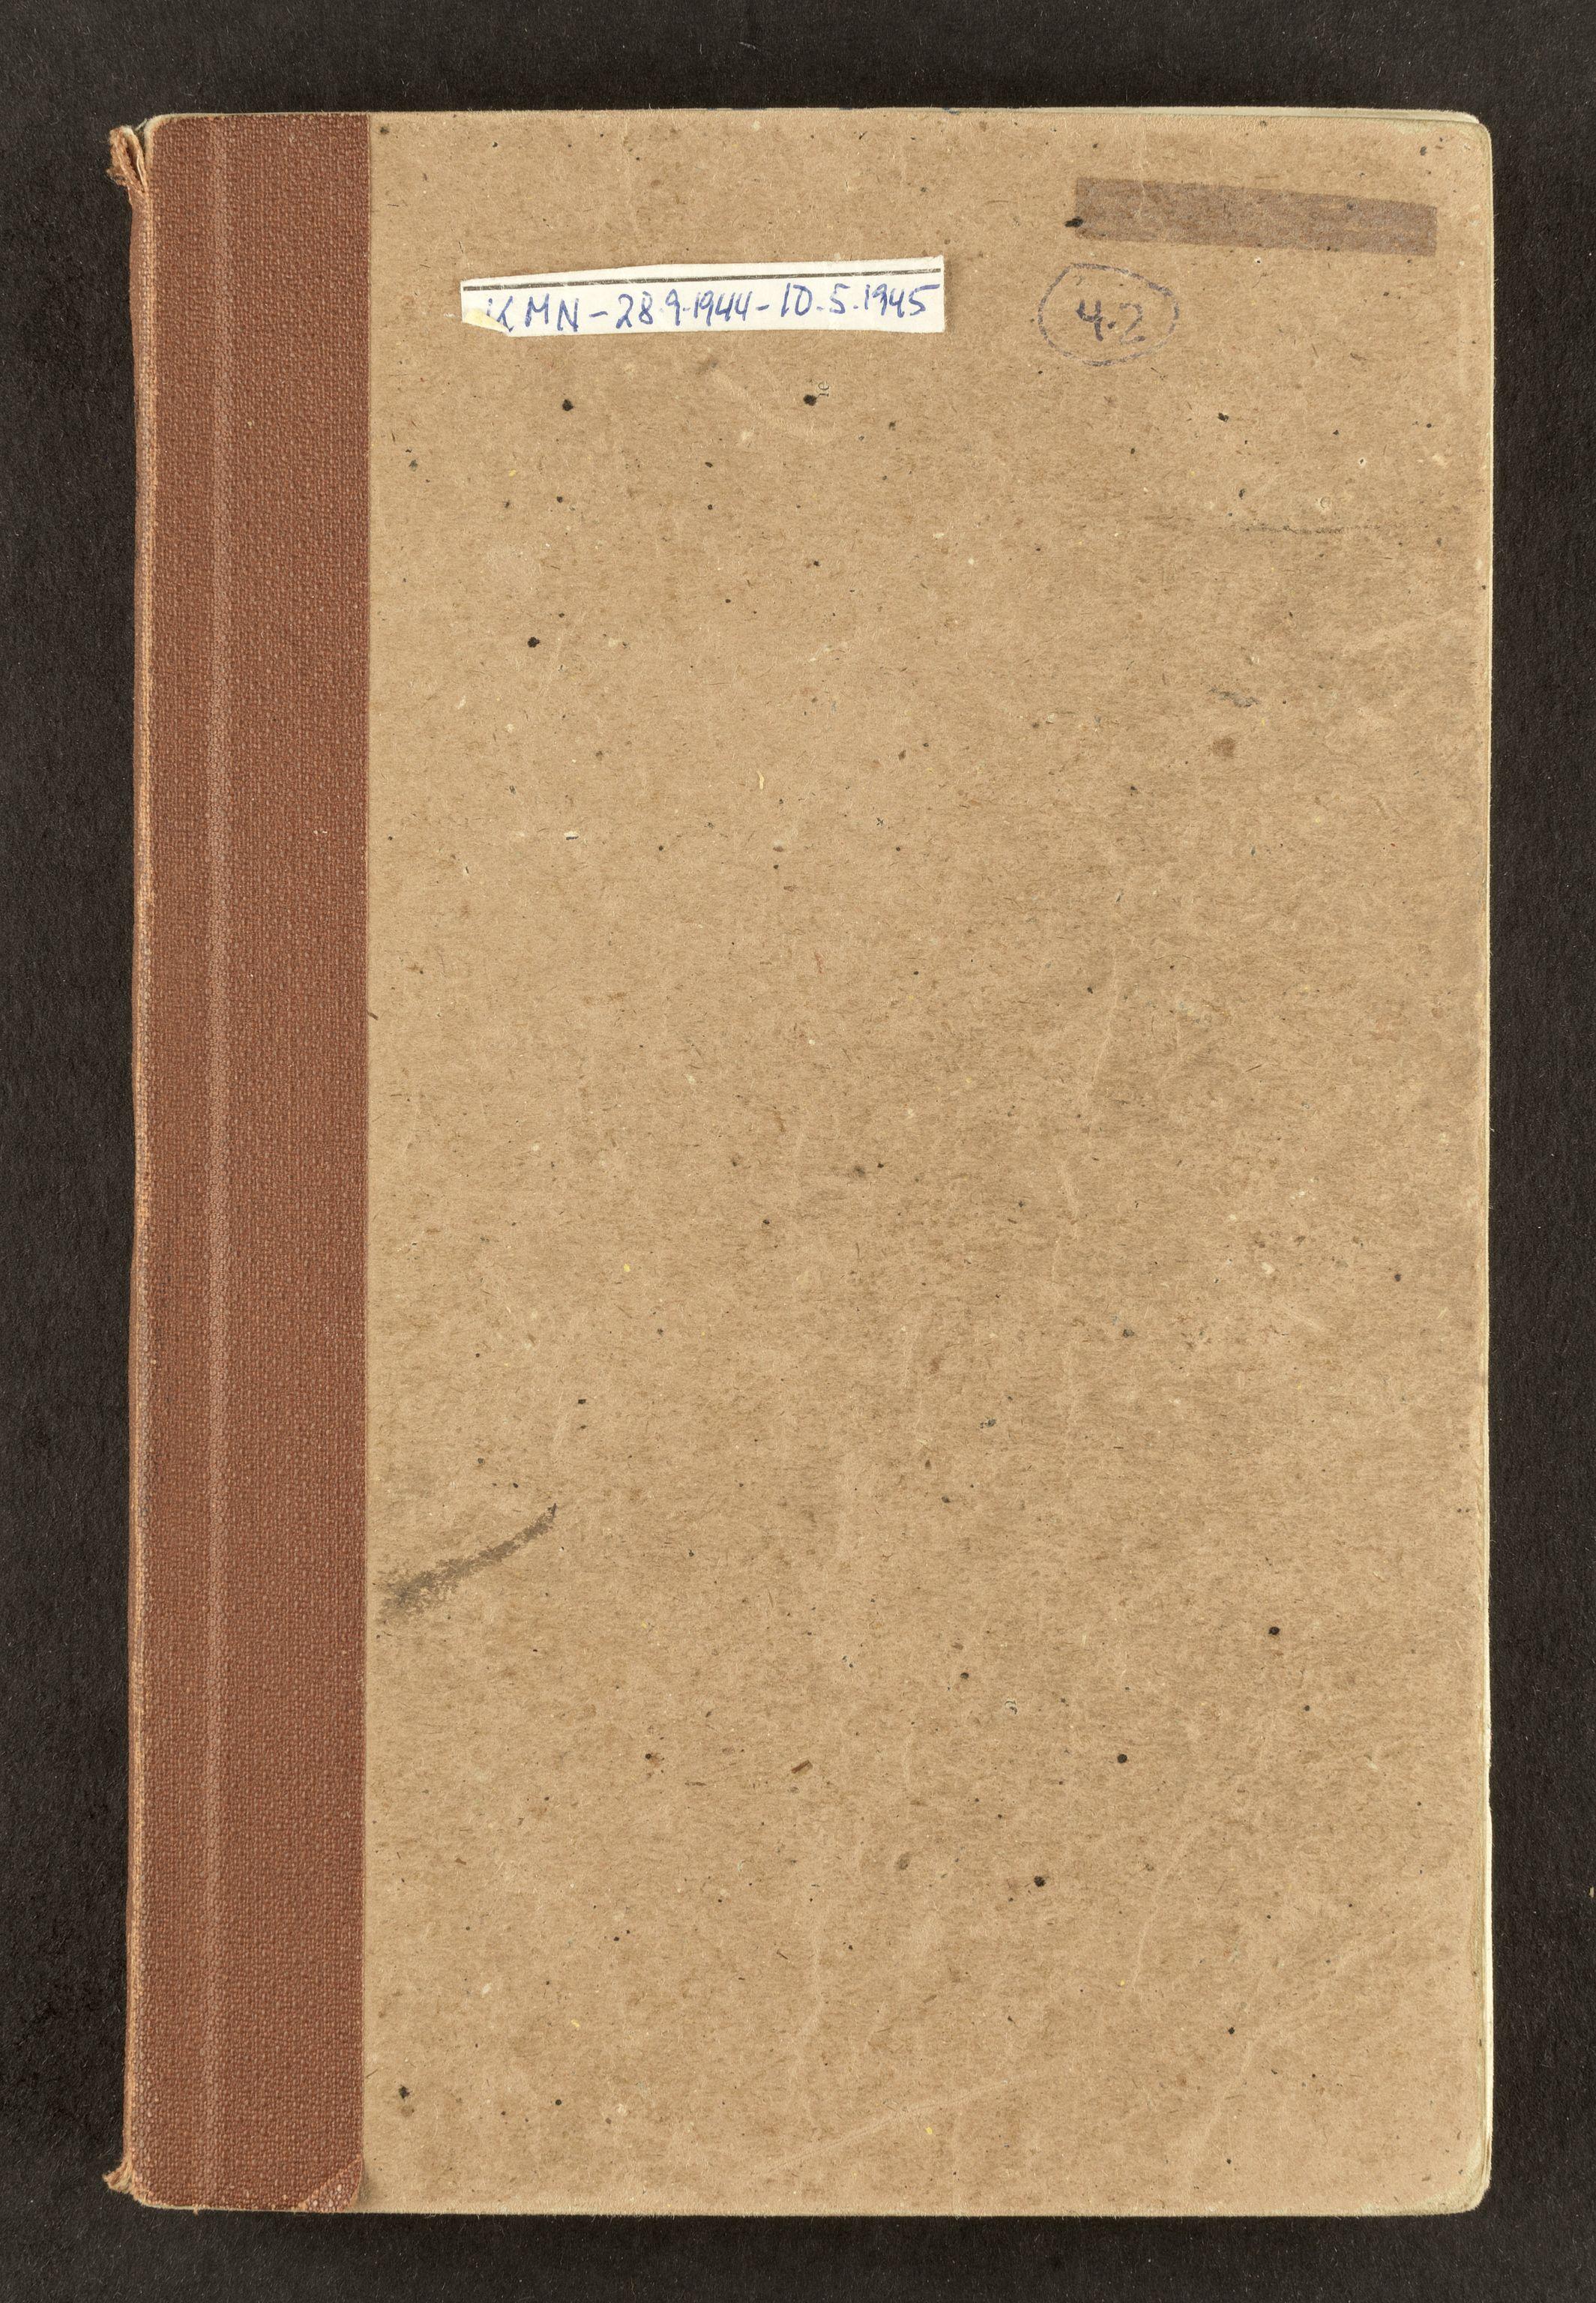 AAB, Nordahl, Konrad, F/L0001: Dagbøker, 1944-1945